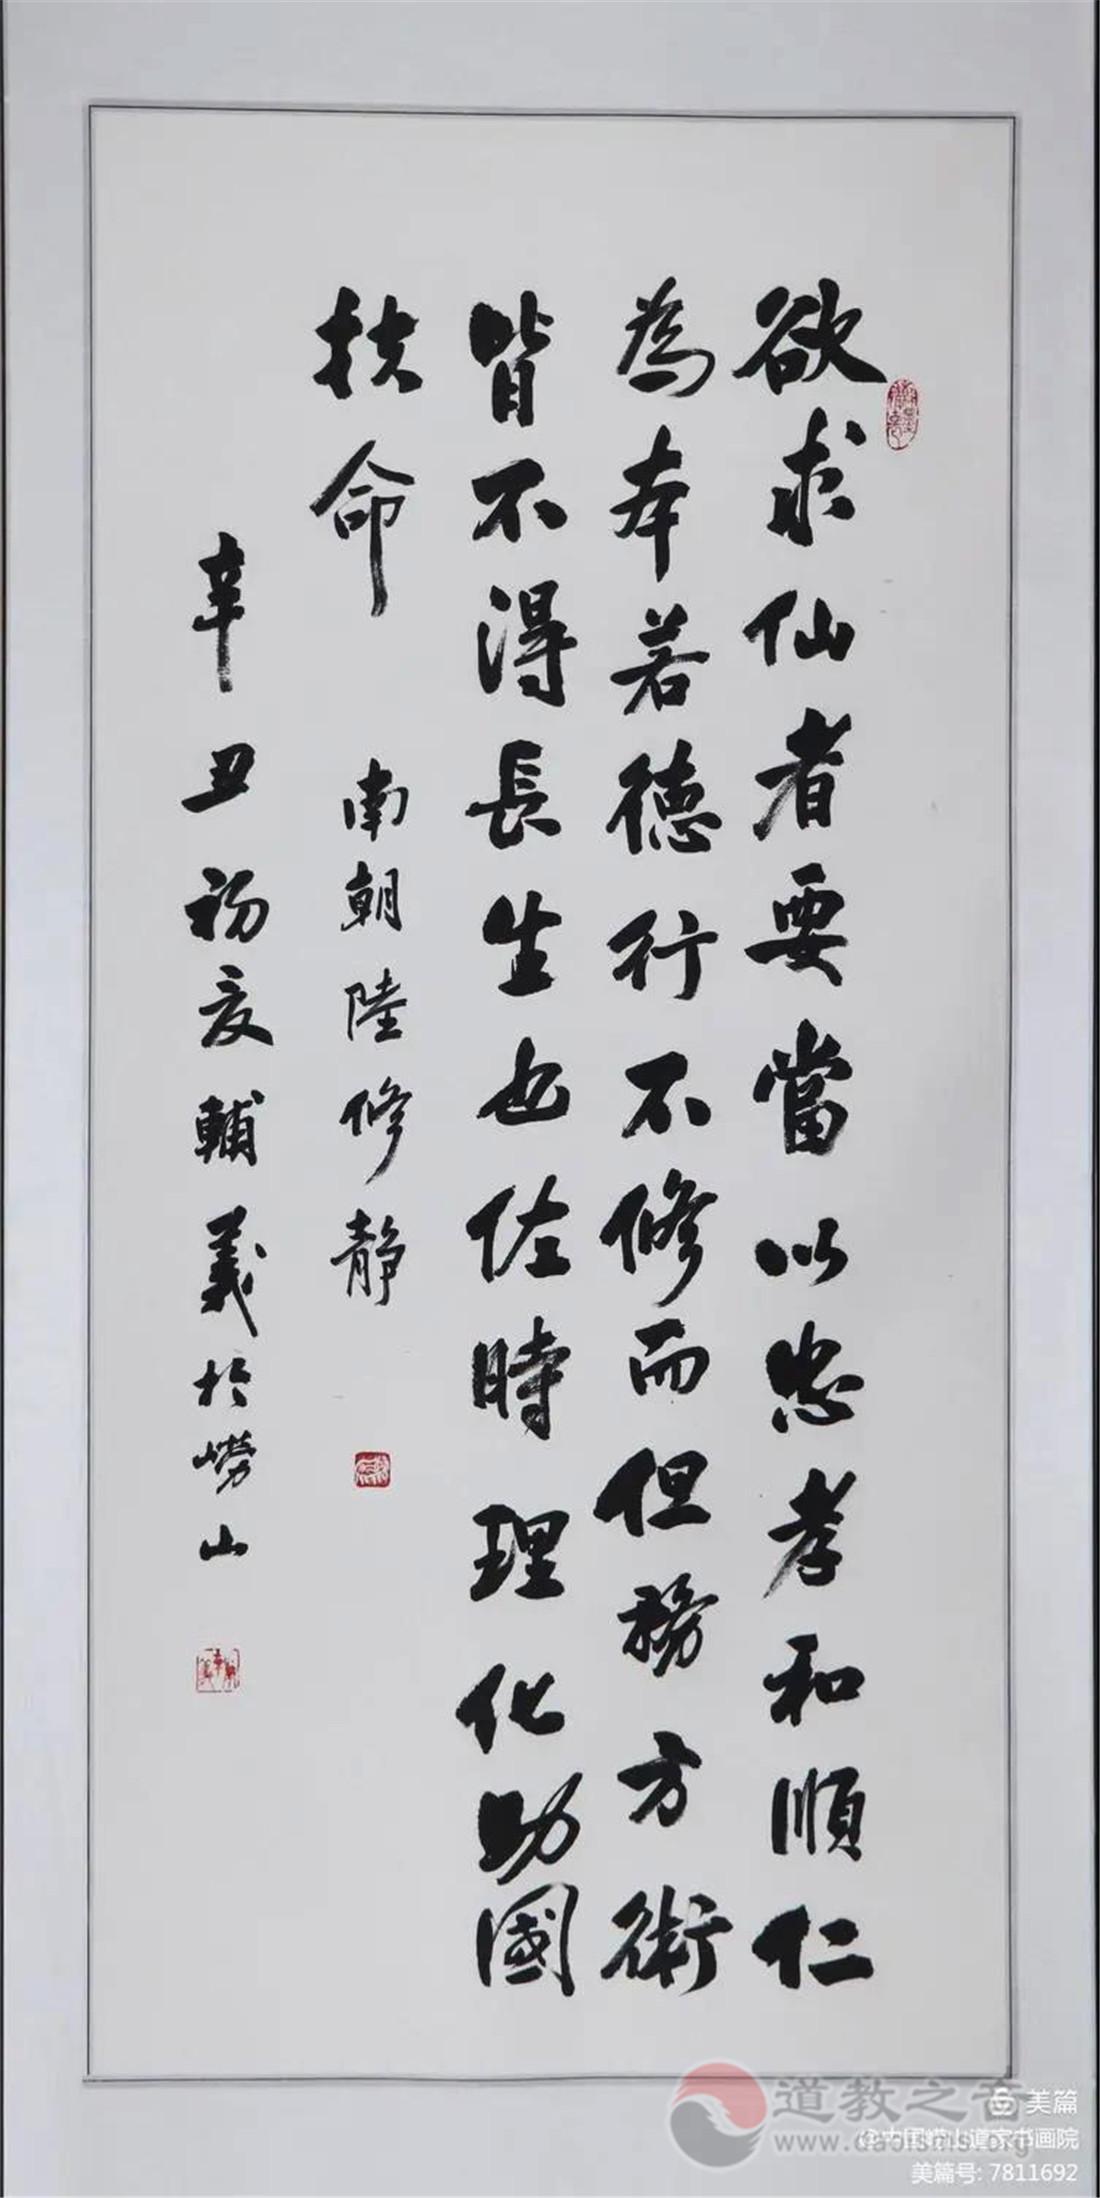 作者:李辅义